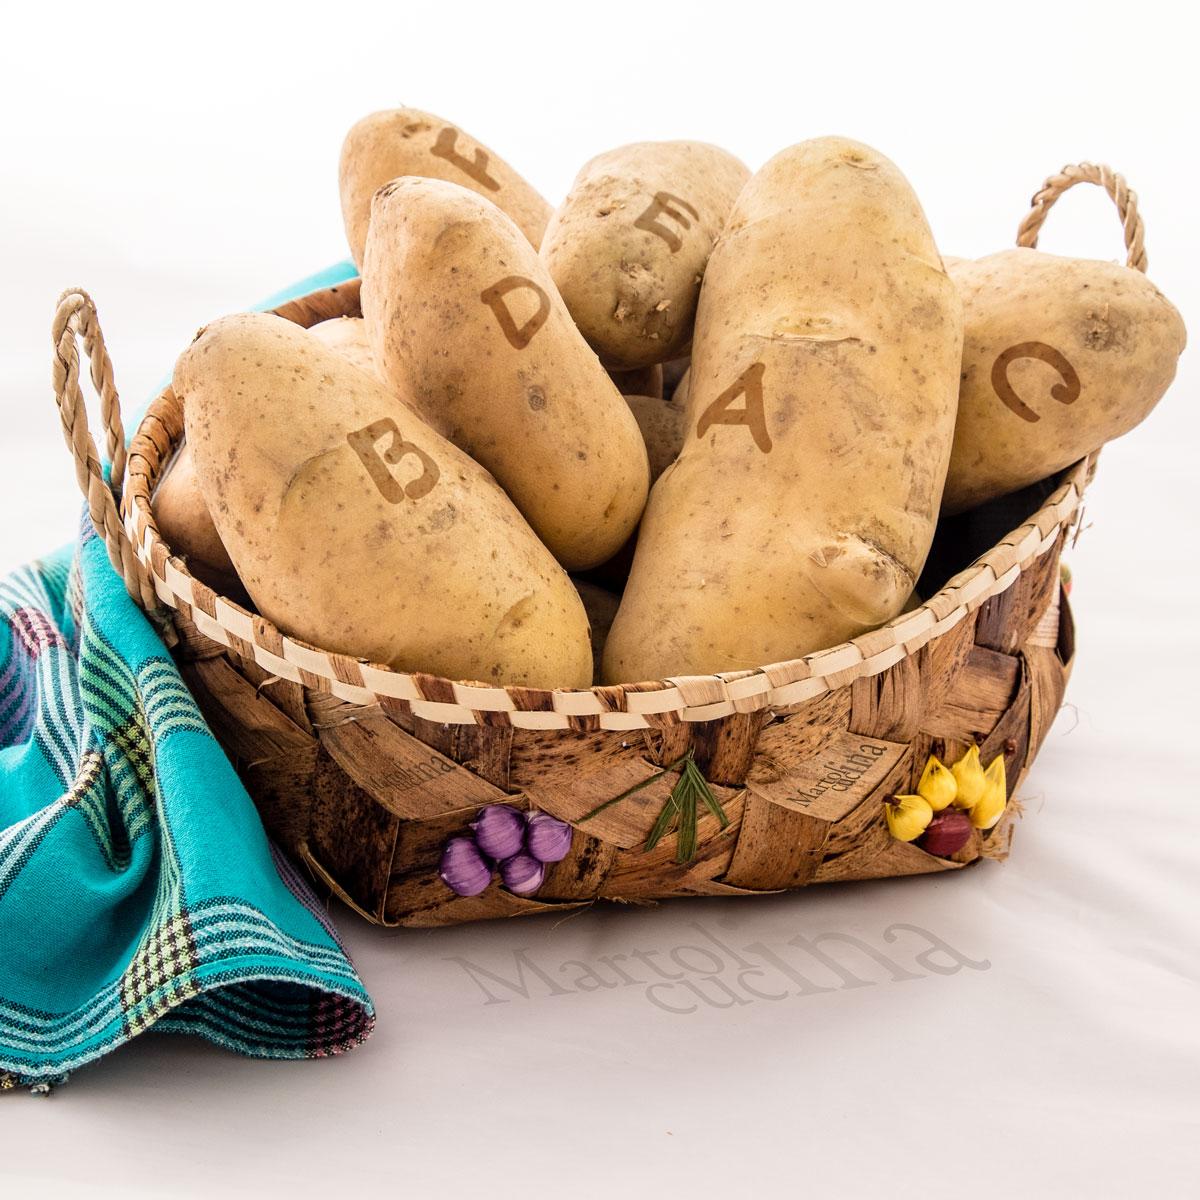 Alfabeto-patata-A-1200x1200